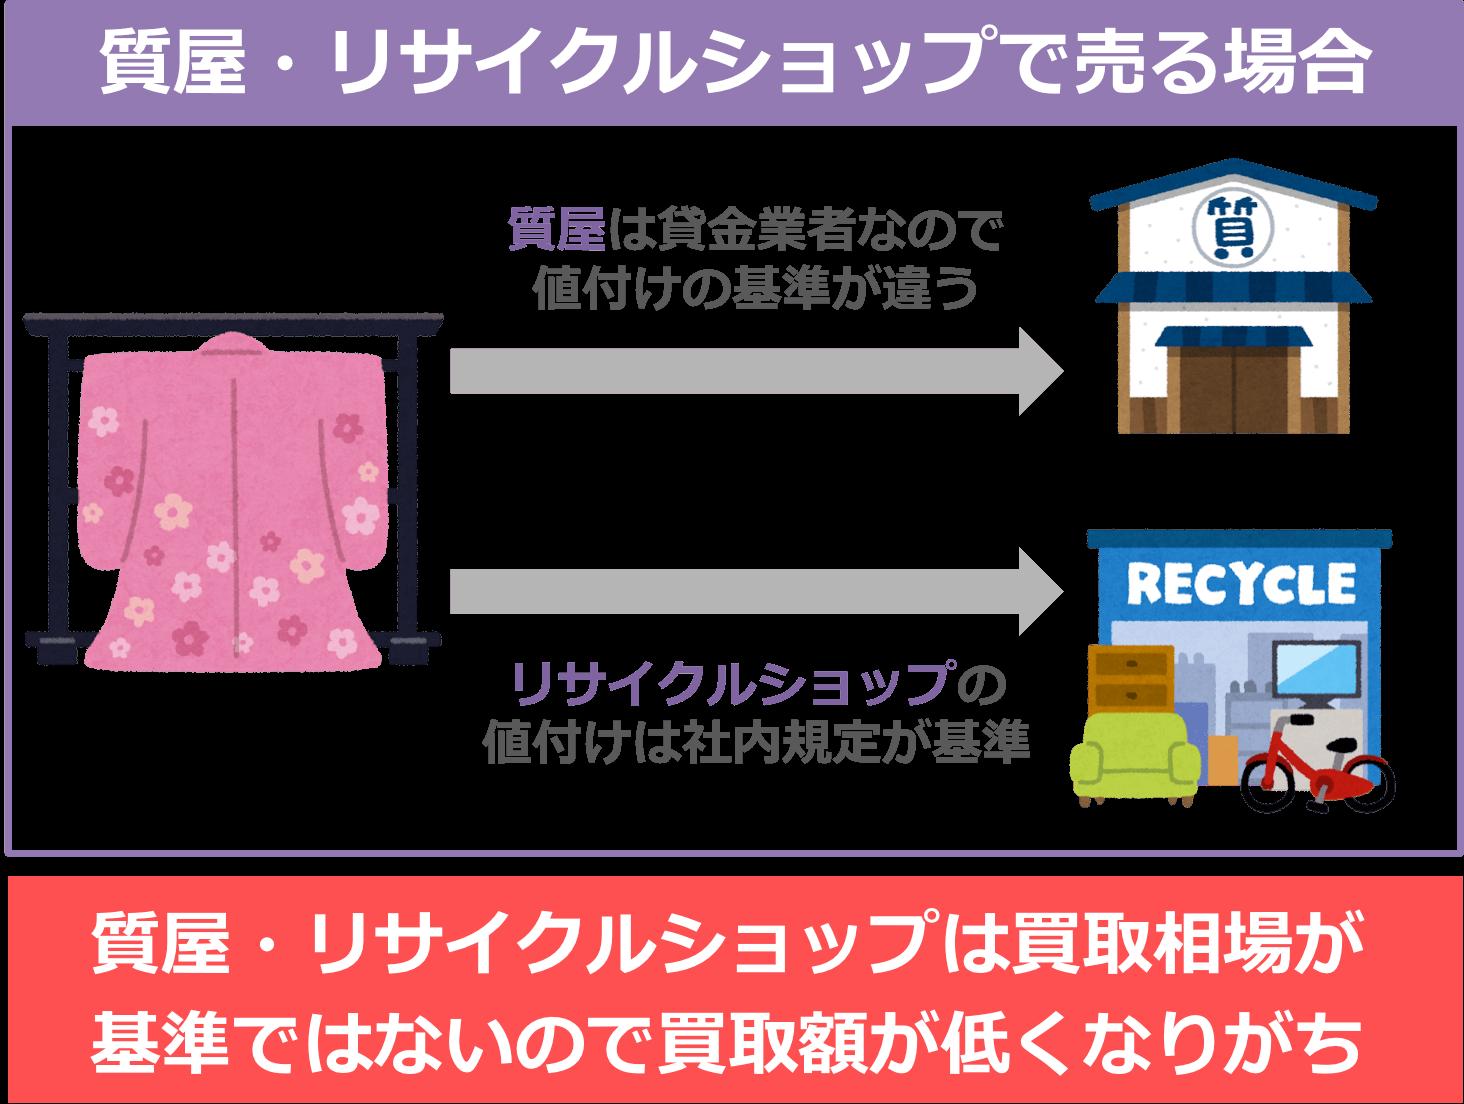 着物を質屋・リサイクルショップで売る場合